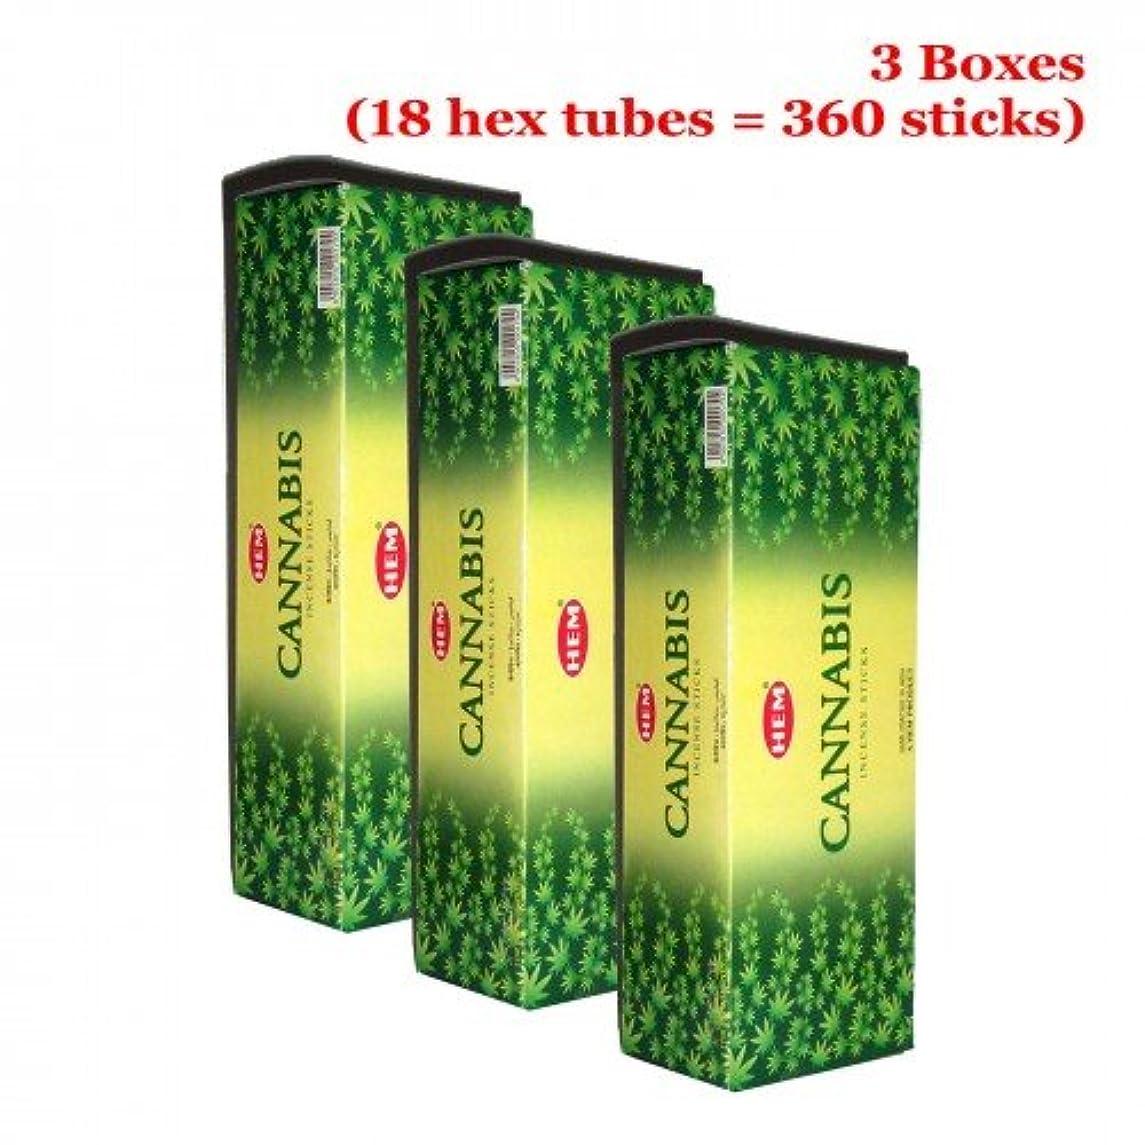 最も早い問題簡単にHem Cannabis 360一括Incense Sticks、3ボックス – ( 360 Sticksバルクper order )